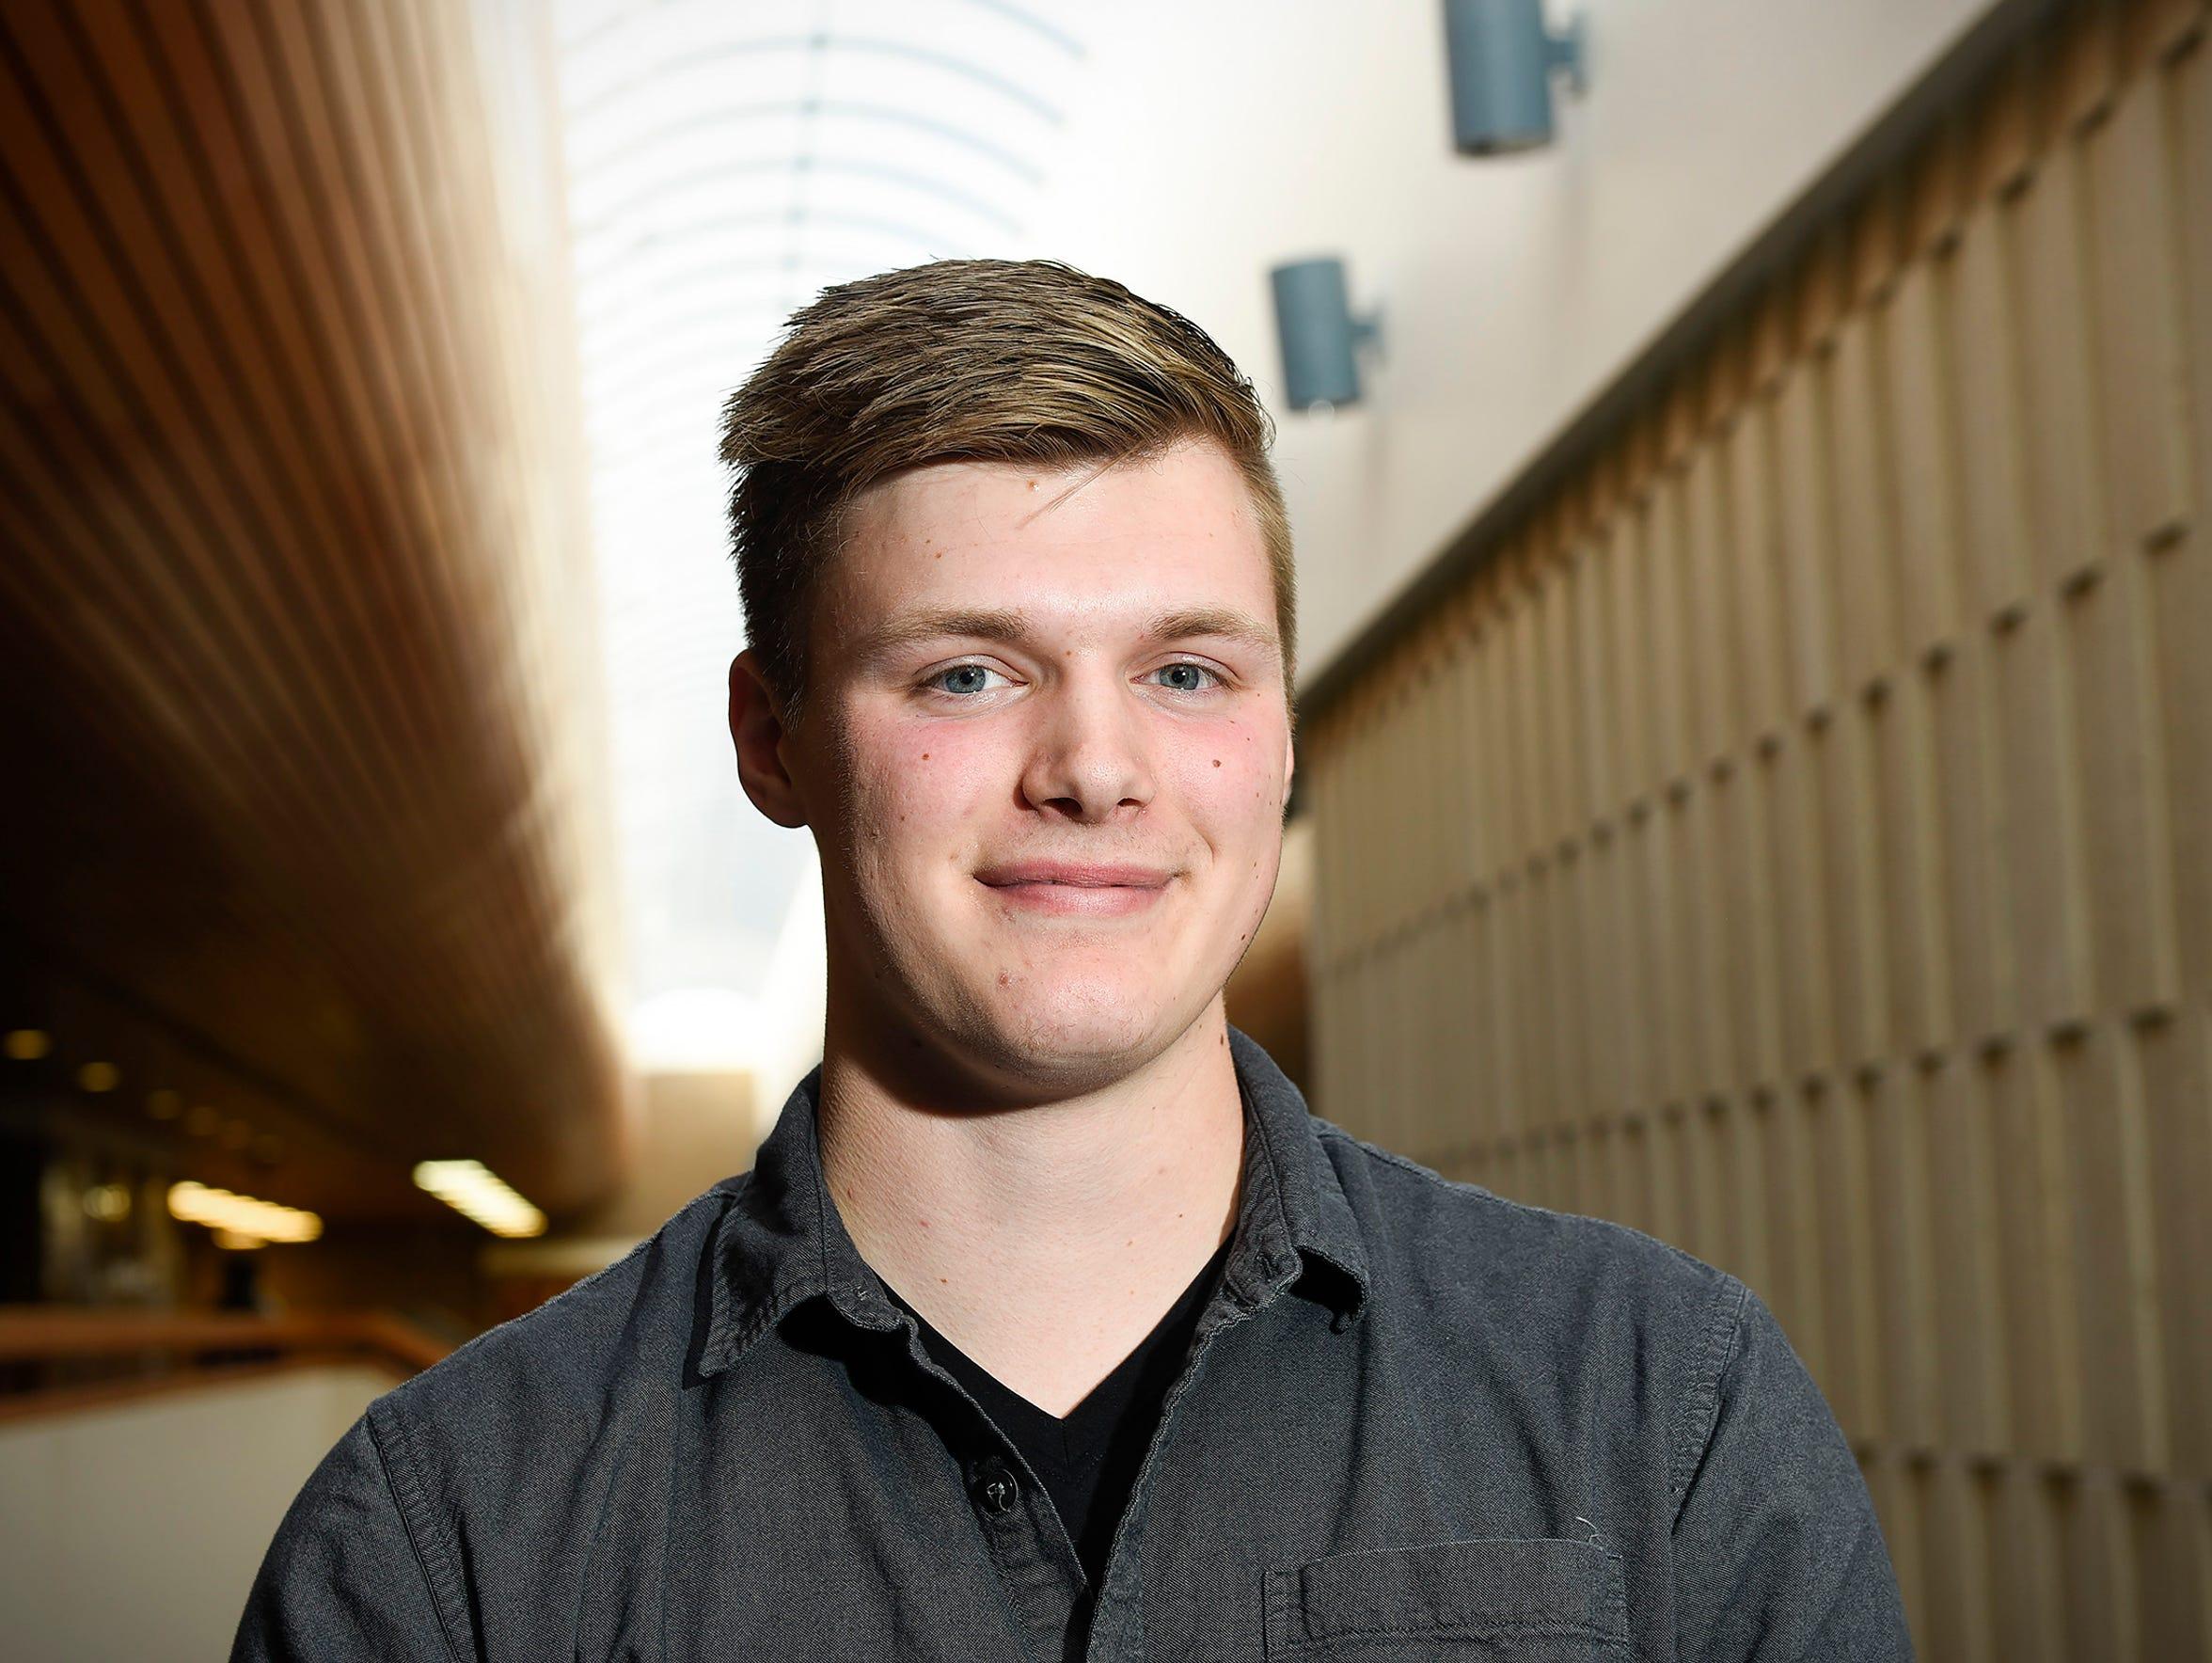 Alex Bertsch,18, has started a business that sells